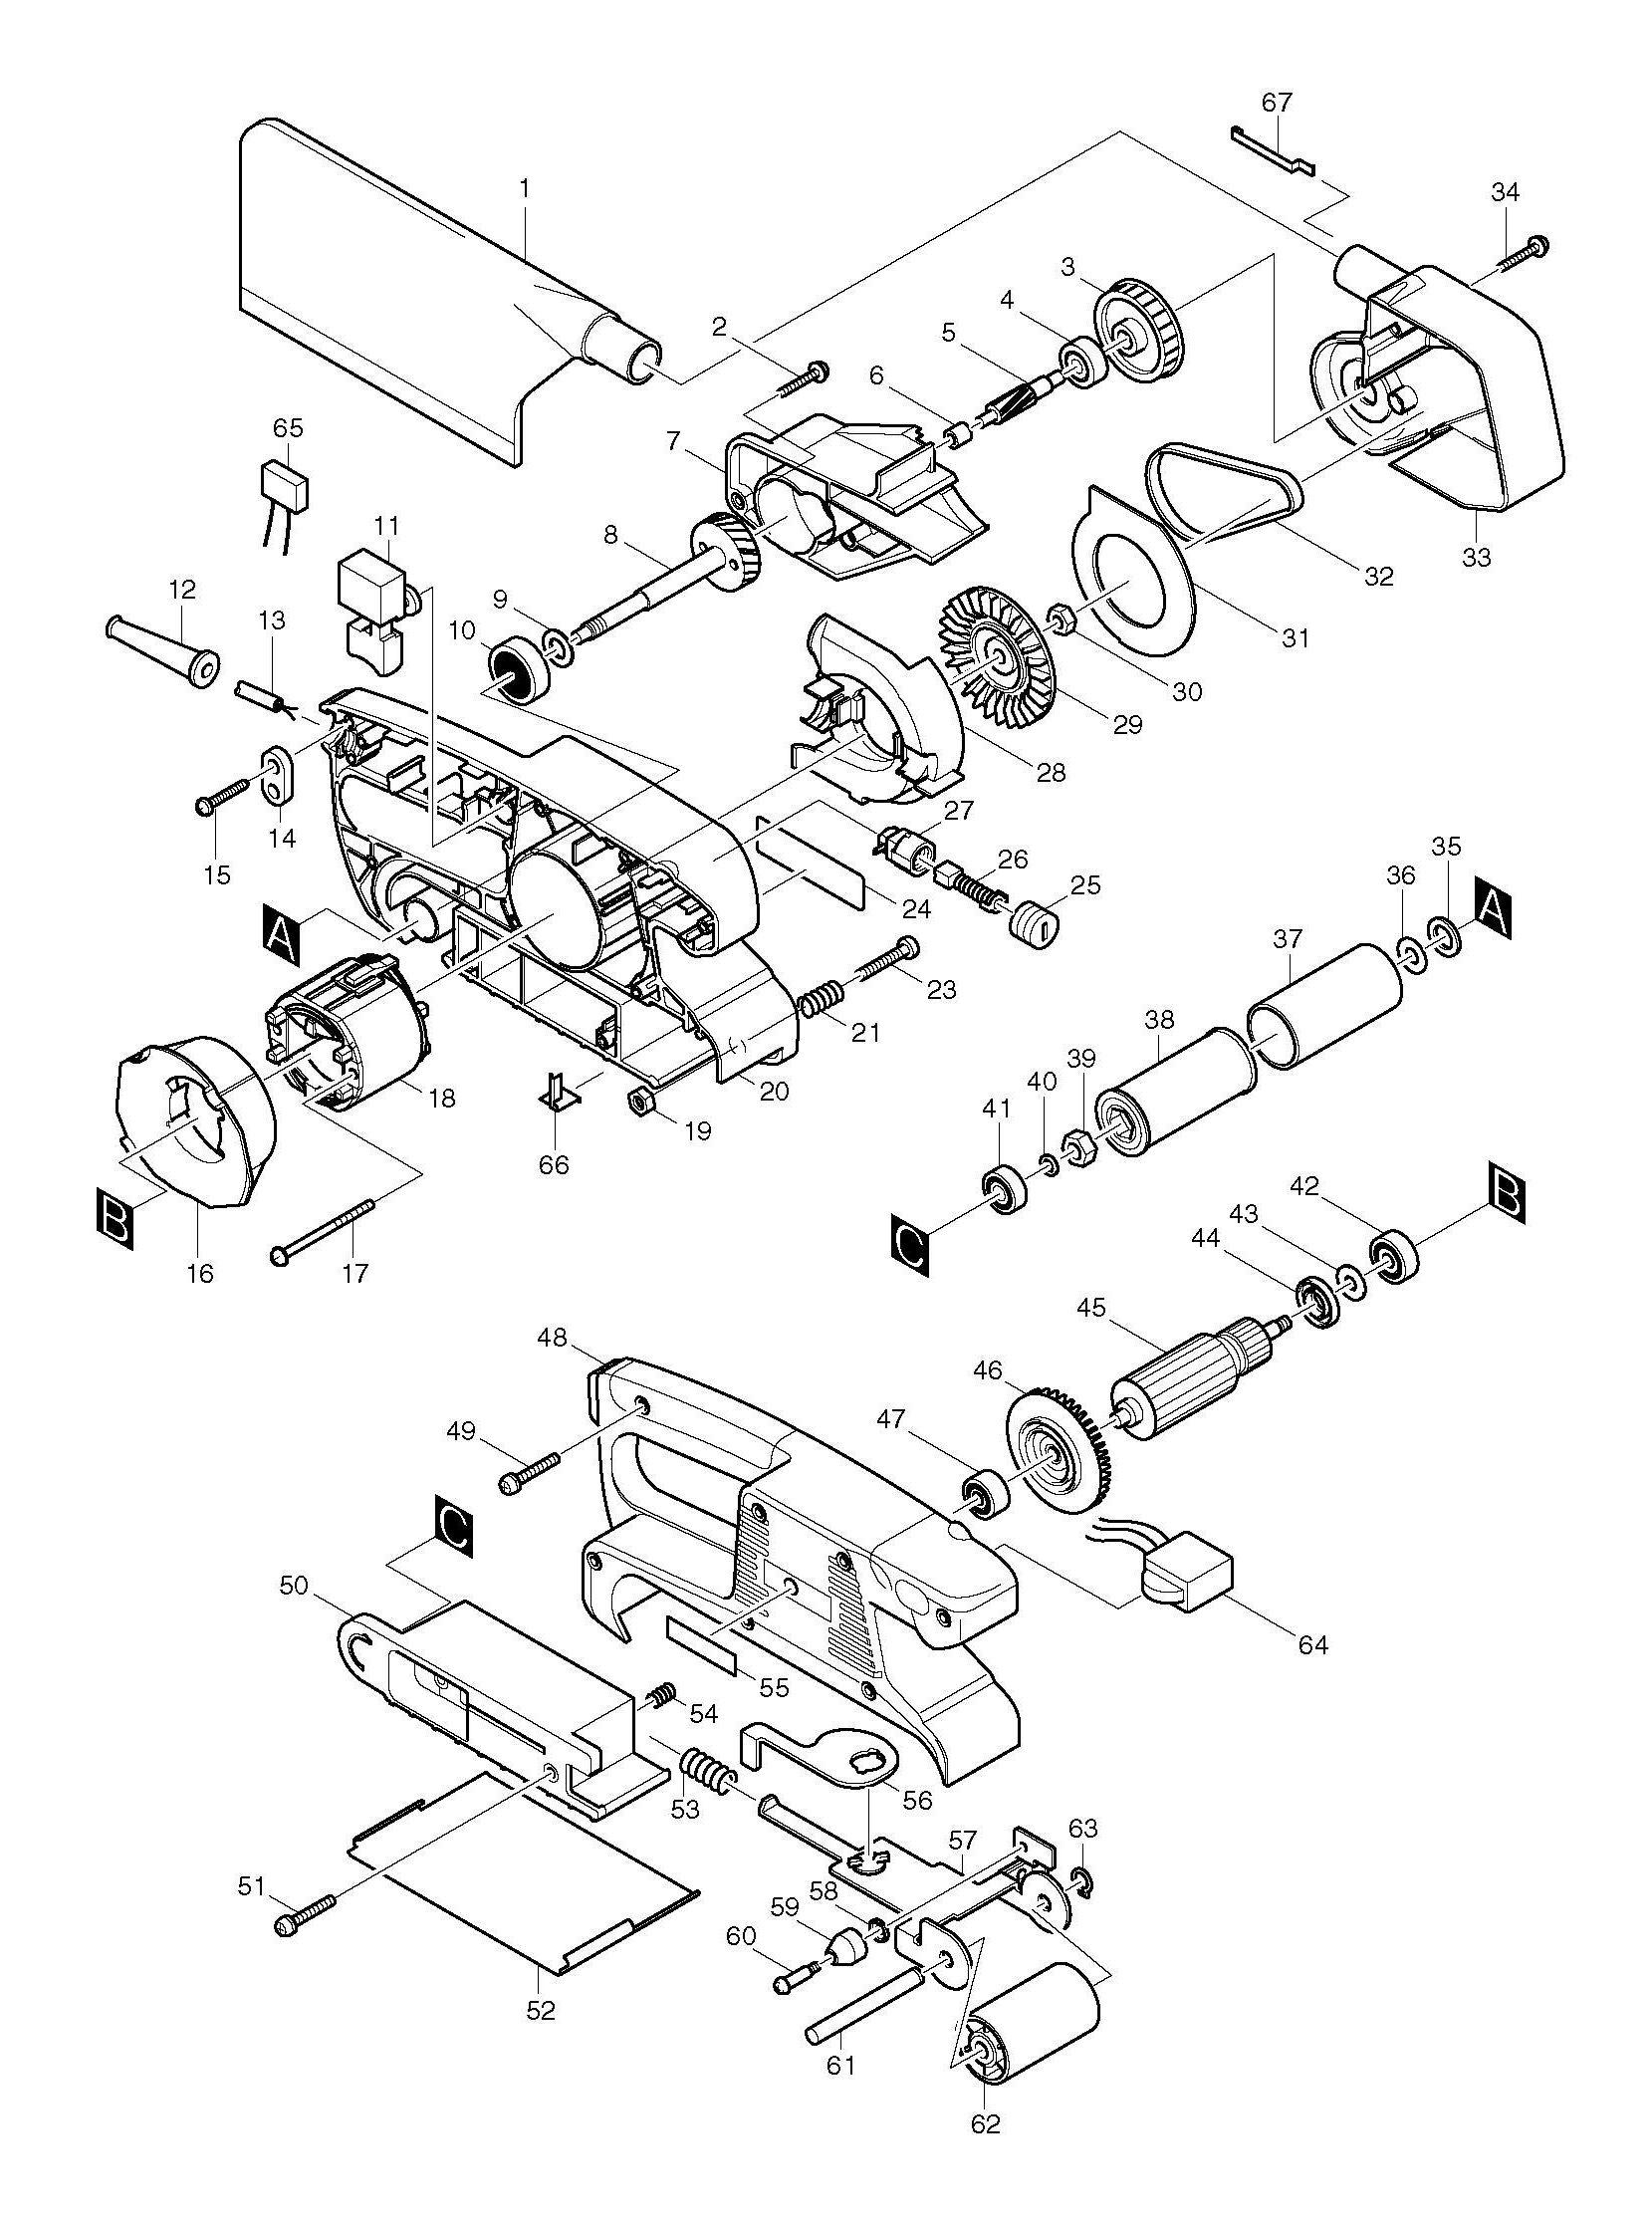 spares for makita 9911 belt sander 76x457mm spare 9911. Black Bedroom Furniture Sets. Home Design Ideas